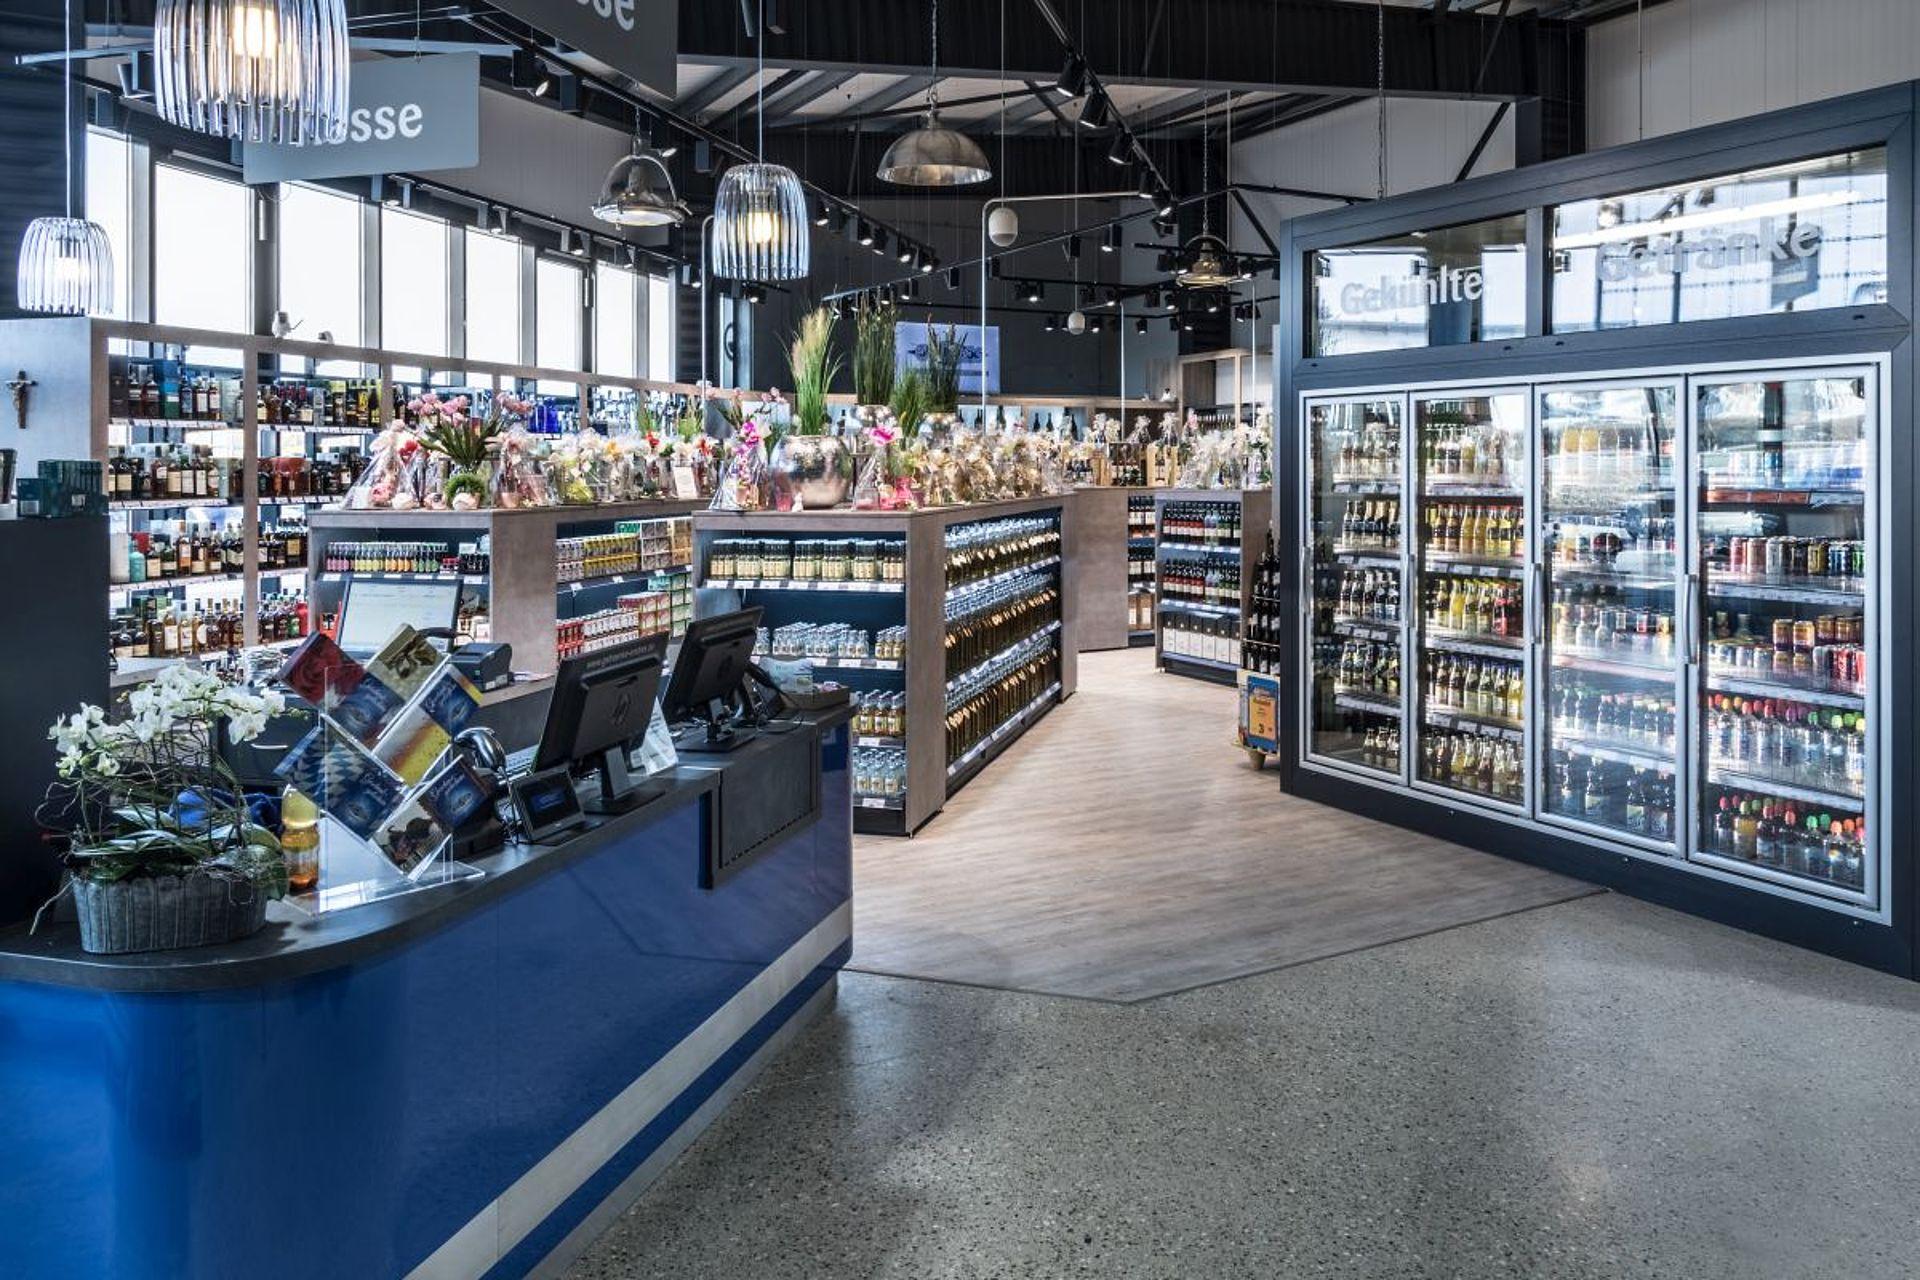 Ladenbau Referenz - Getränkemarkt Endres